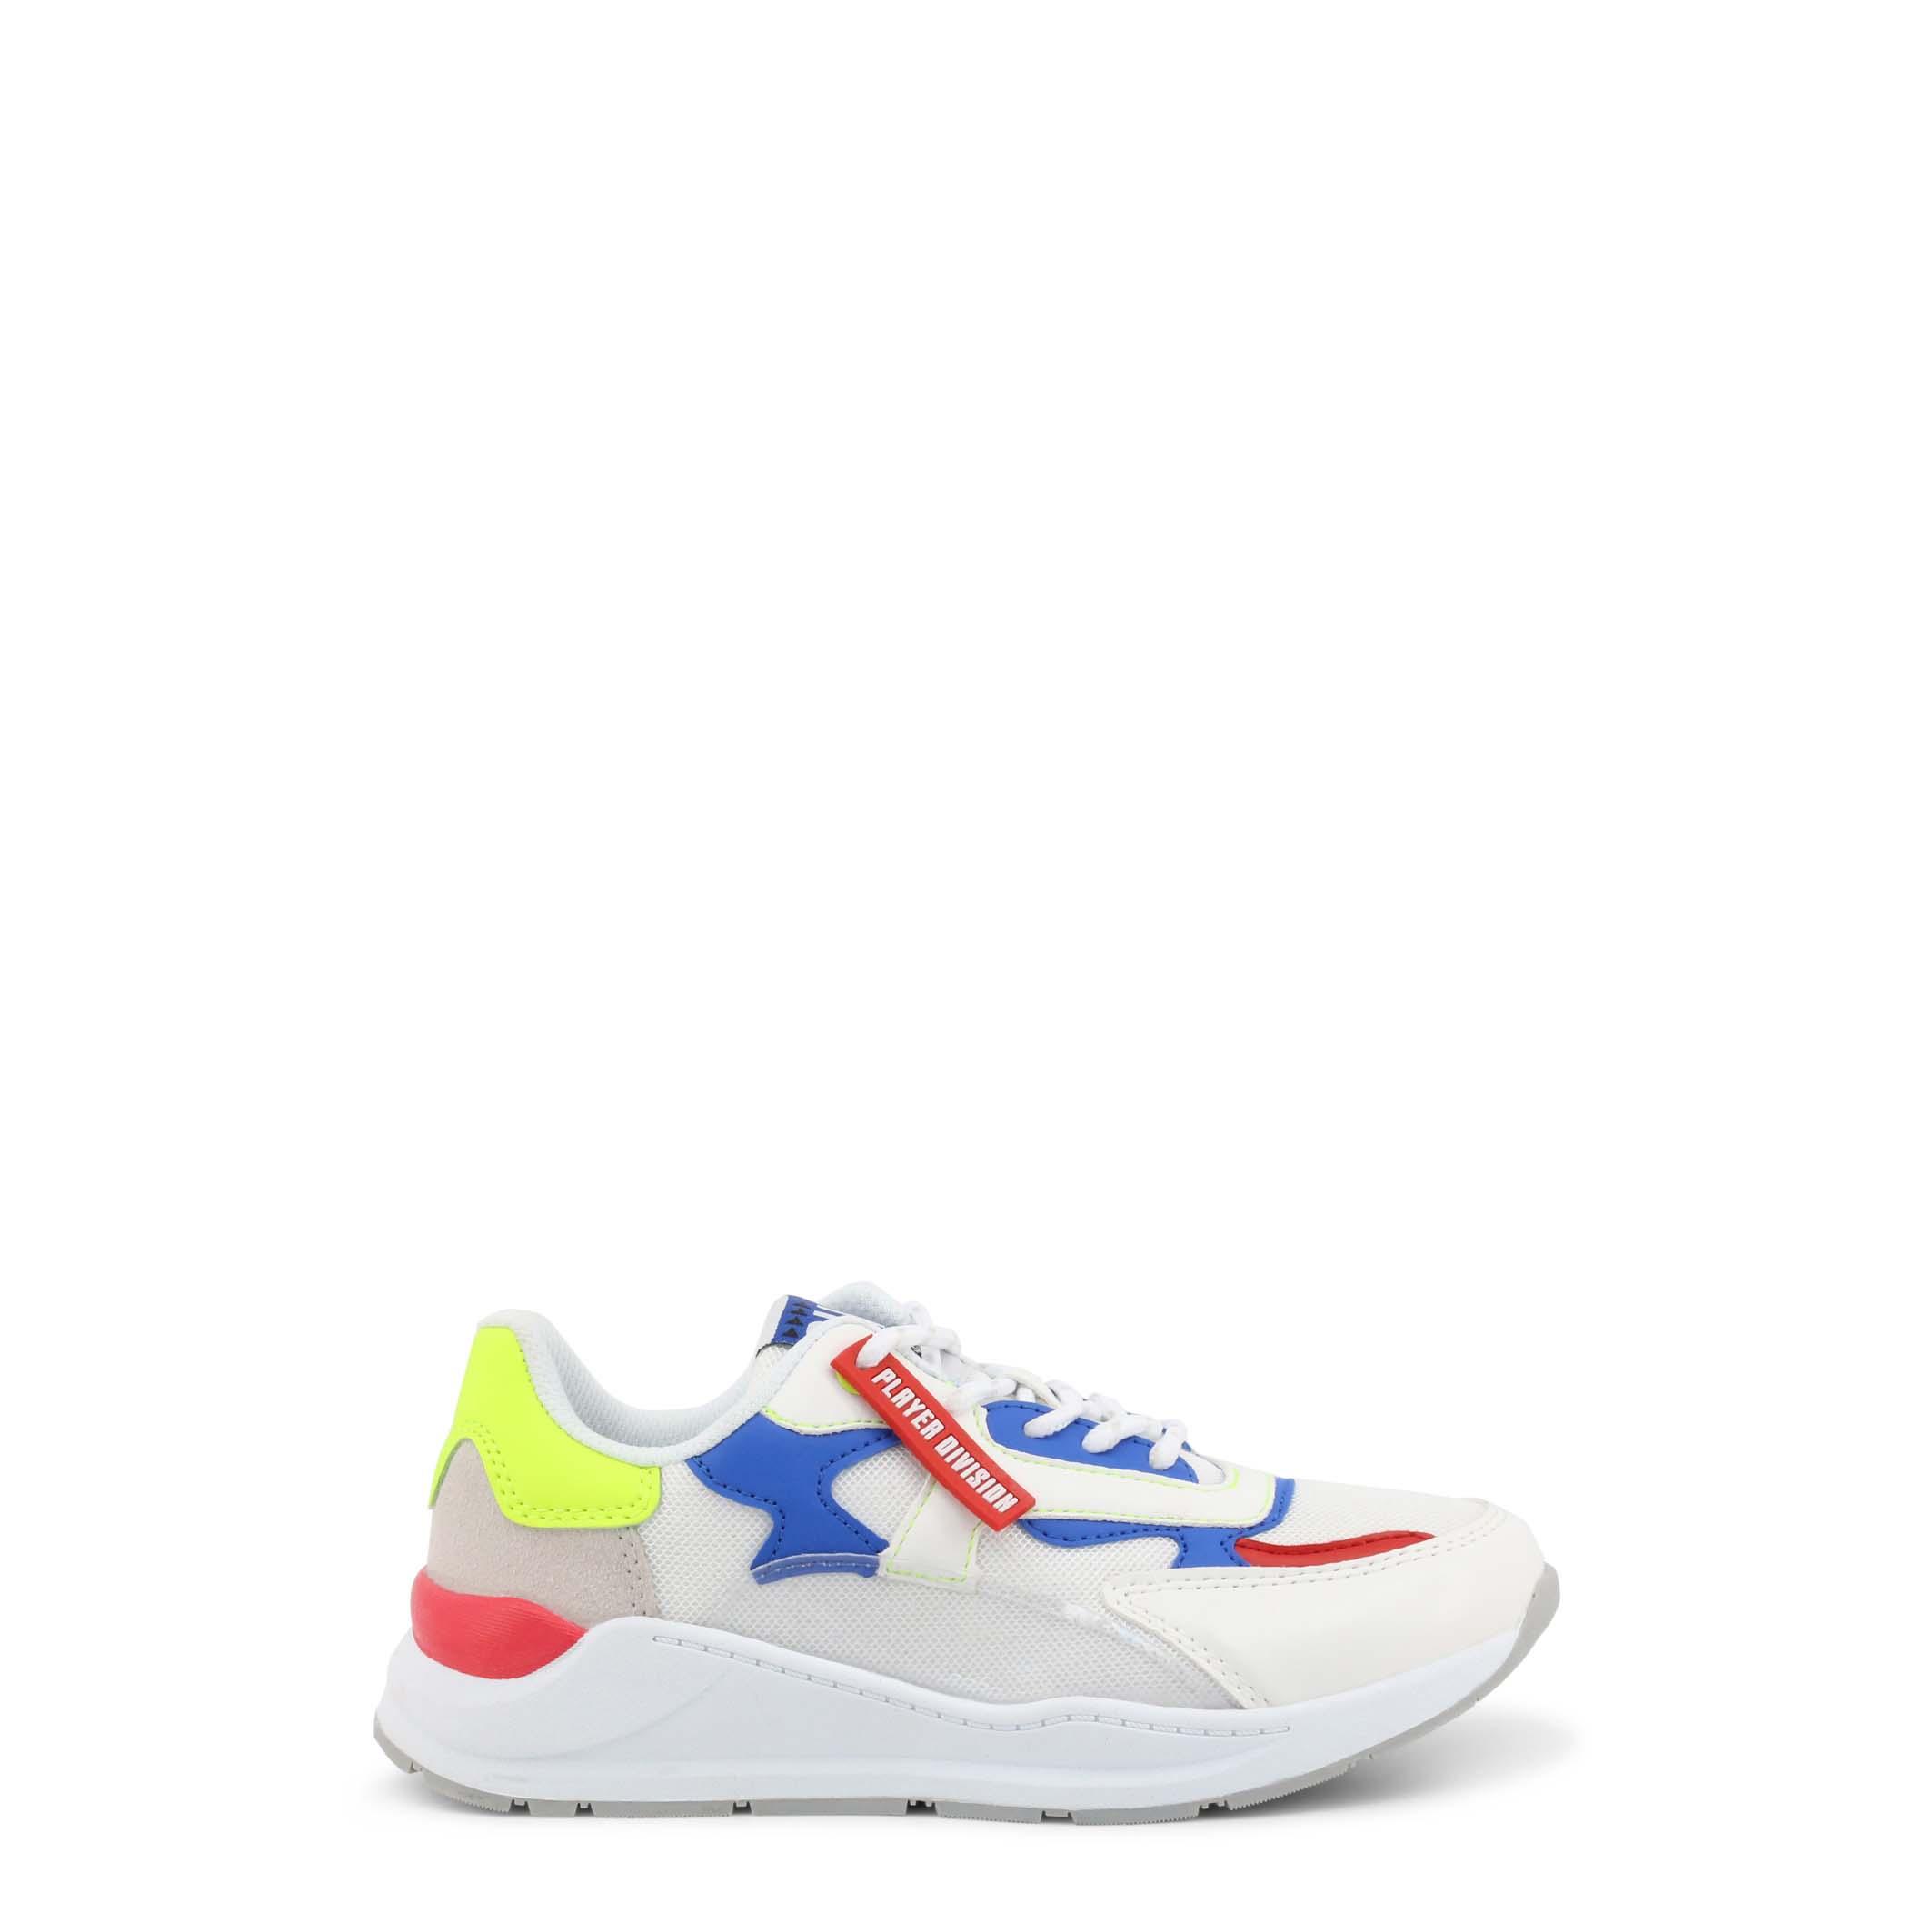 Shone - 3526-012 - White